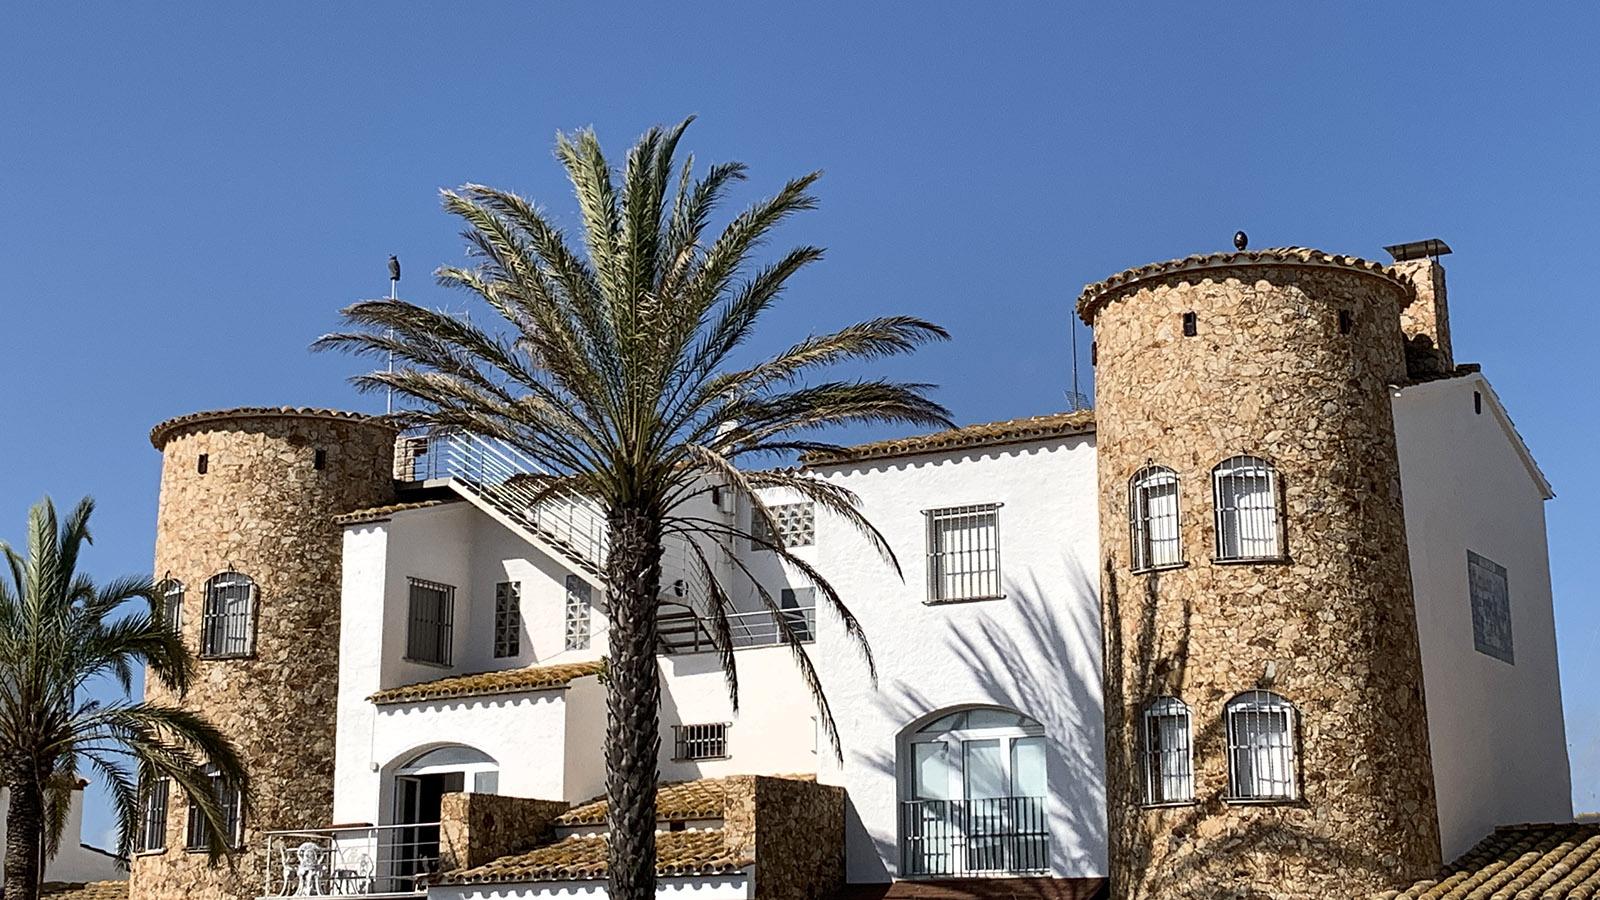 Schmuckes Ferienhaus an der Costa Brava. Foto: Hilke Maunder